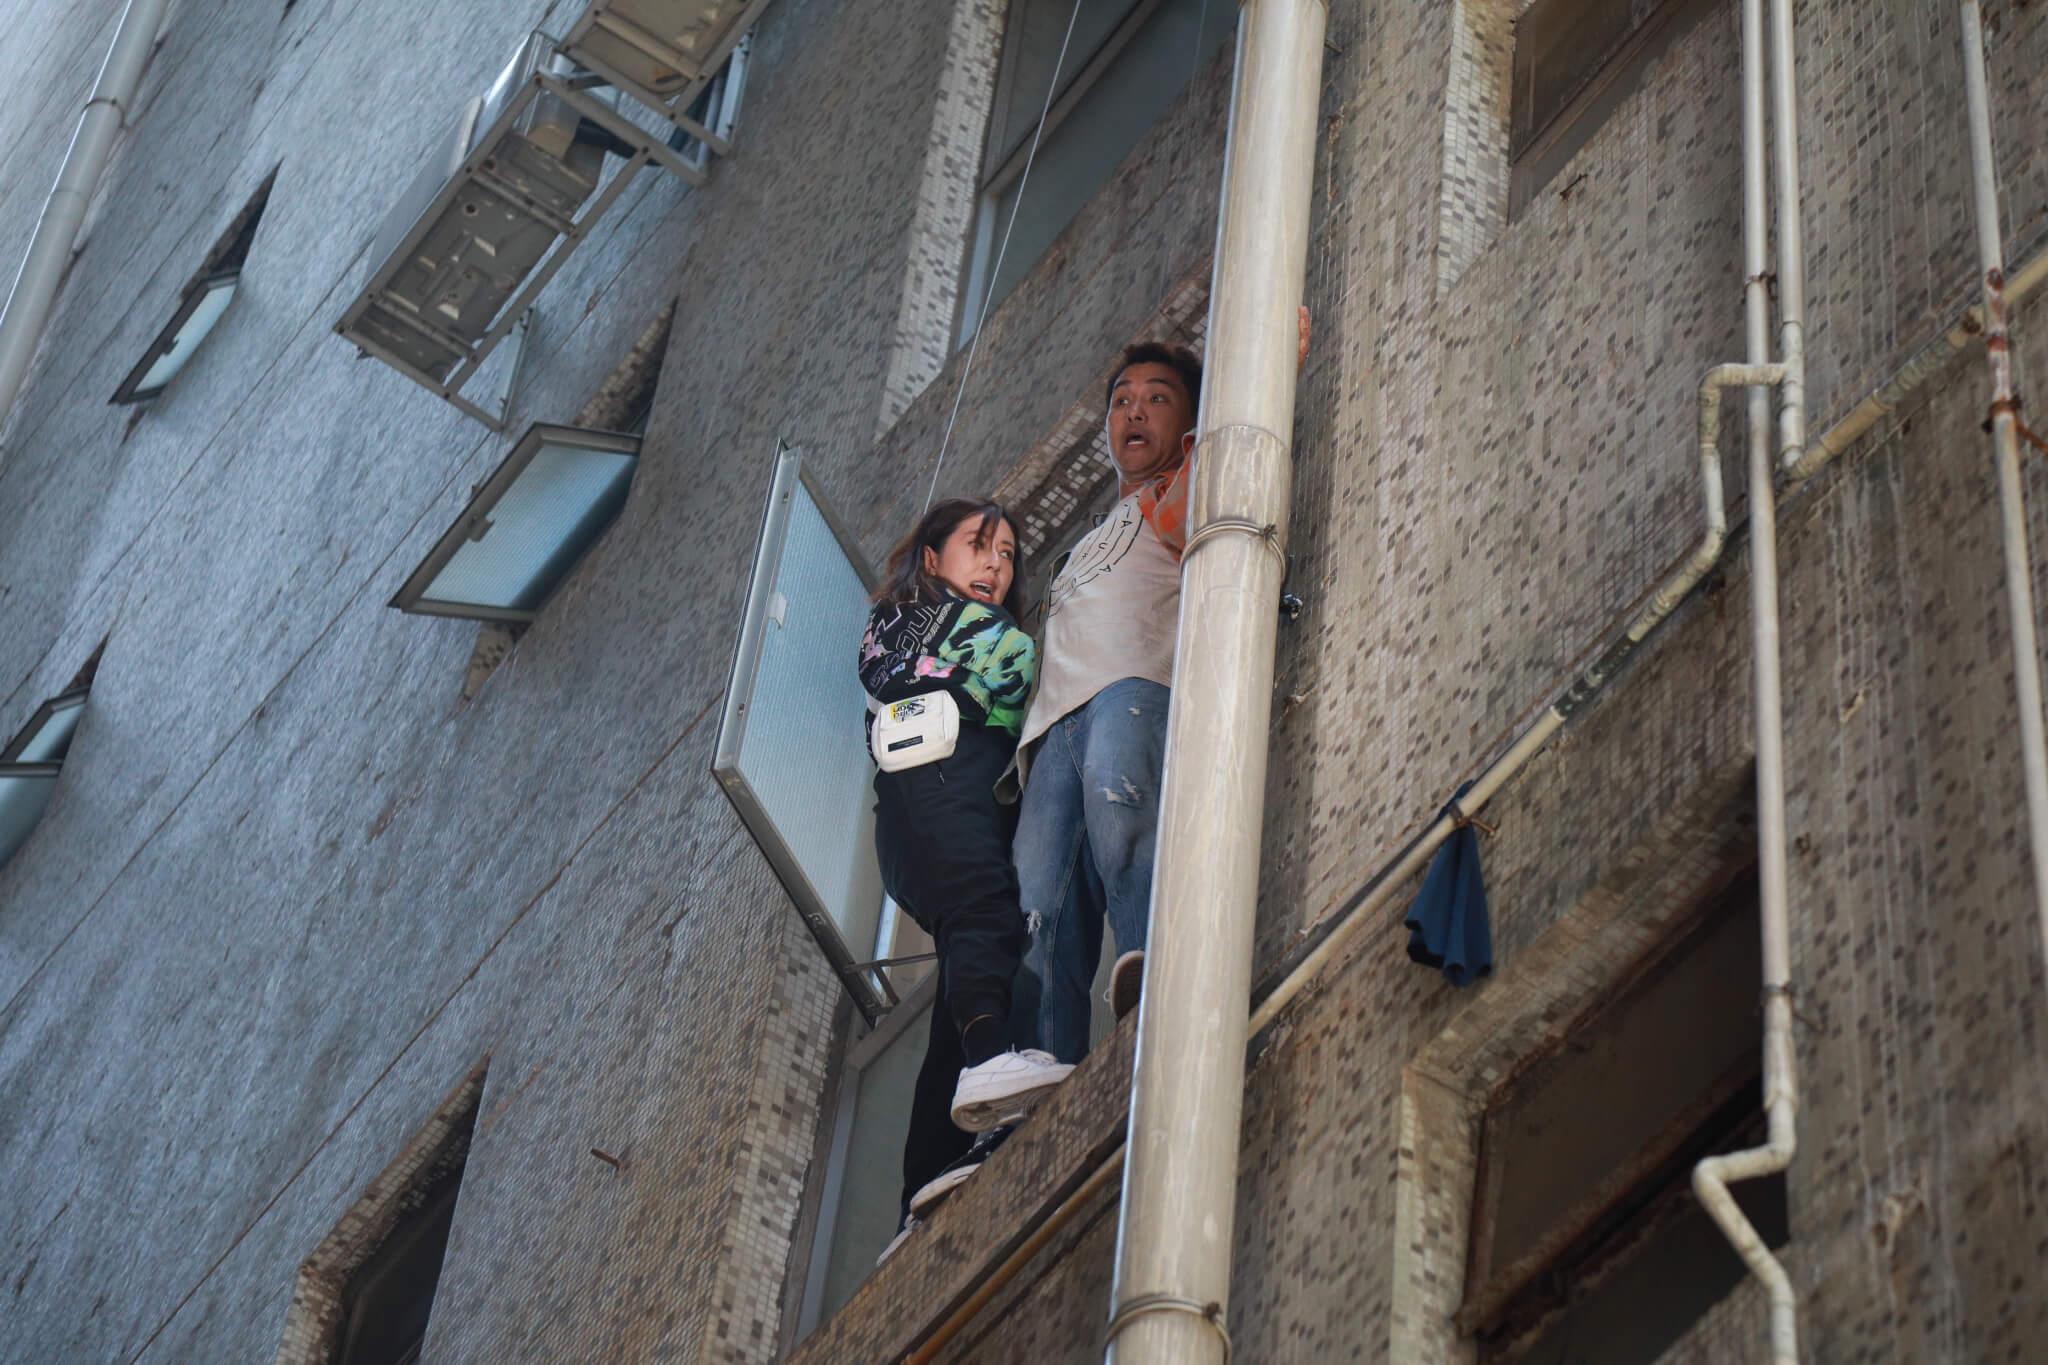 陳展鵬與唐詩詠為新劇《超能使者》賣命演出,兩人站在四樓外牆準備逃亡。